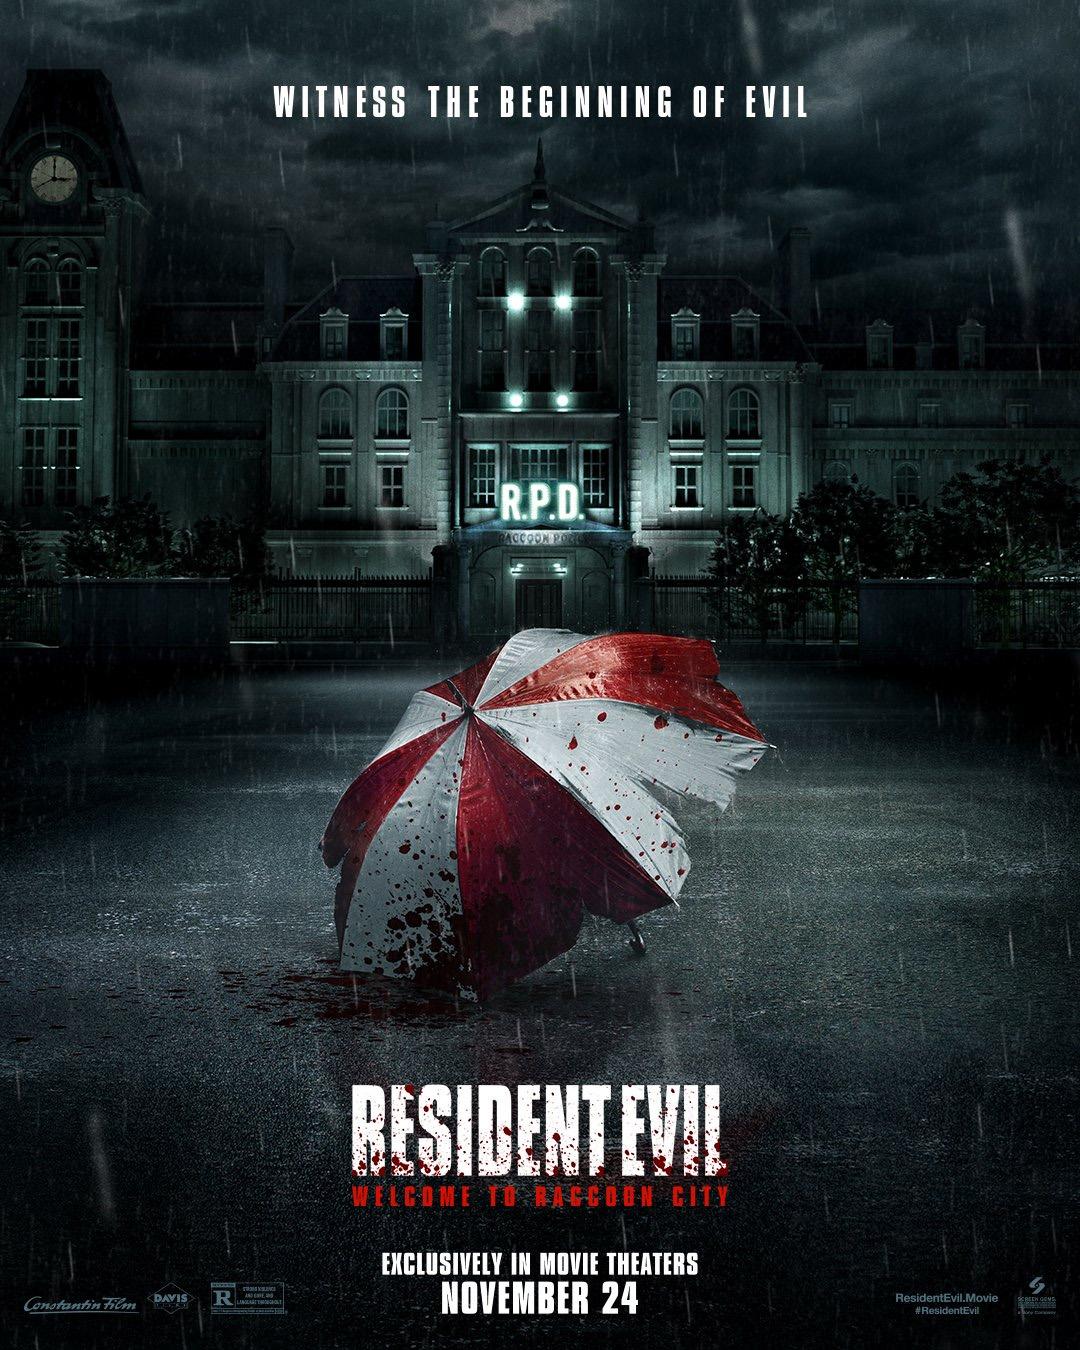 اولین تریلر فیلم Resident Evil 2021